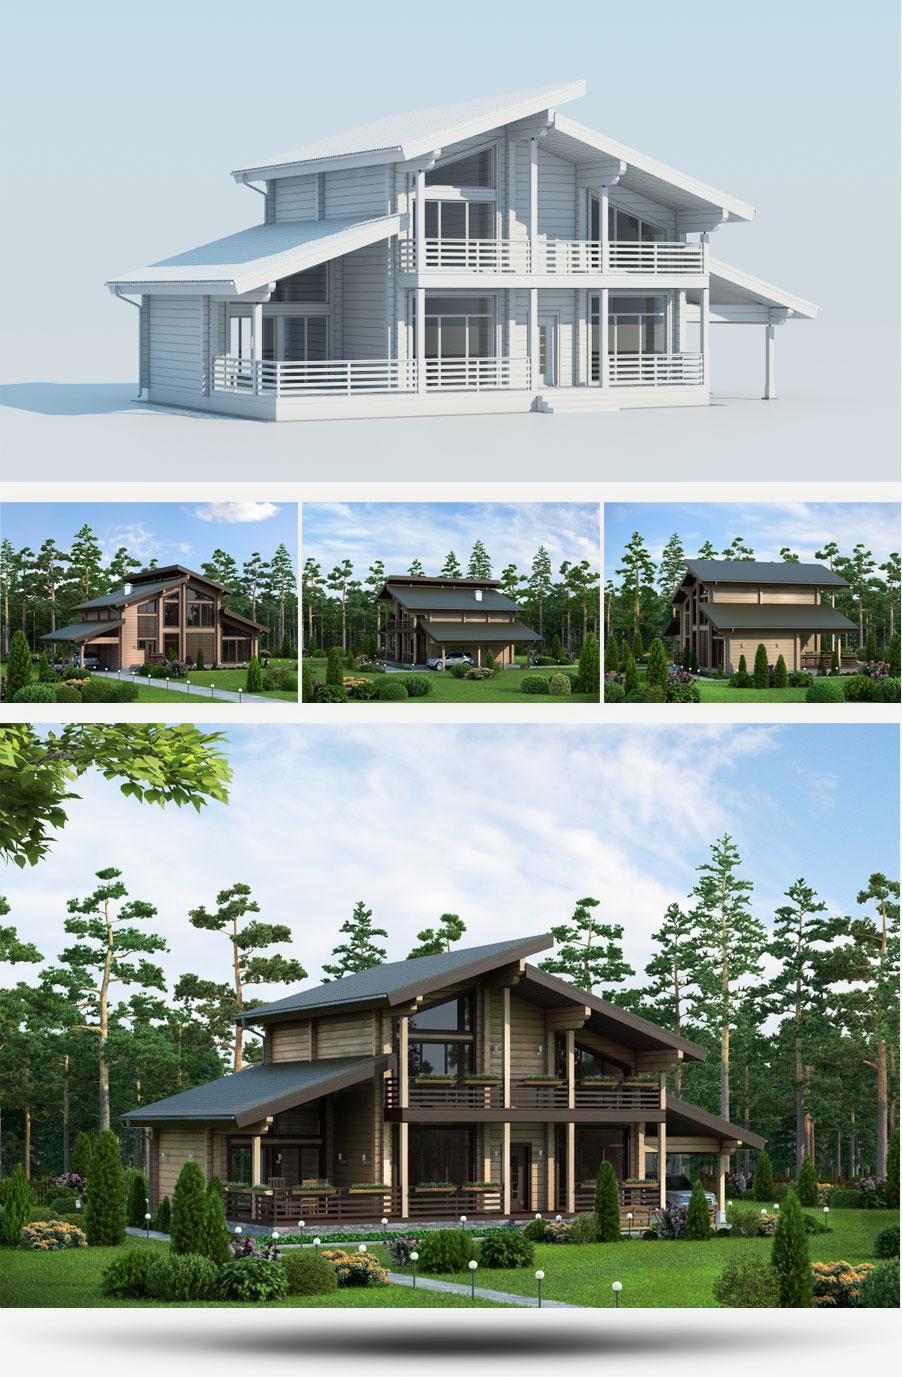 Создание 3D-моделей проектов домов строительной компании «Русь» - 2